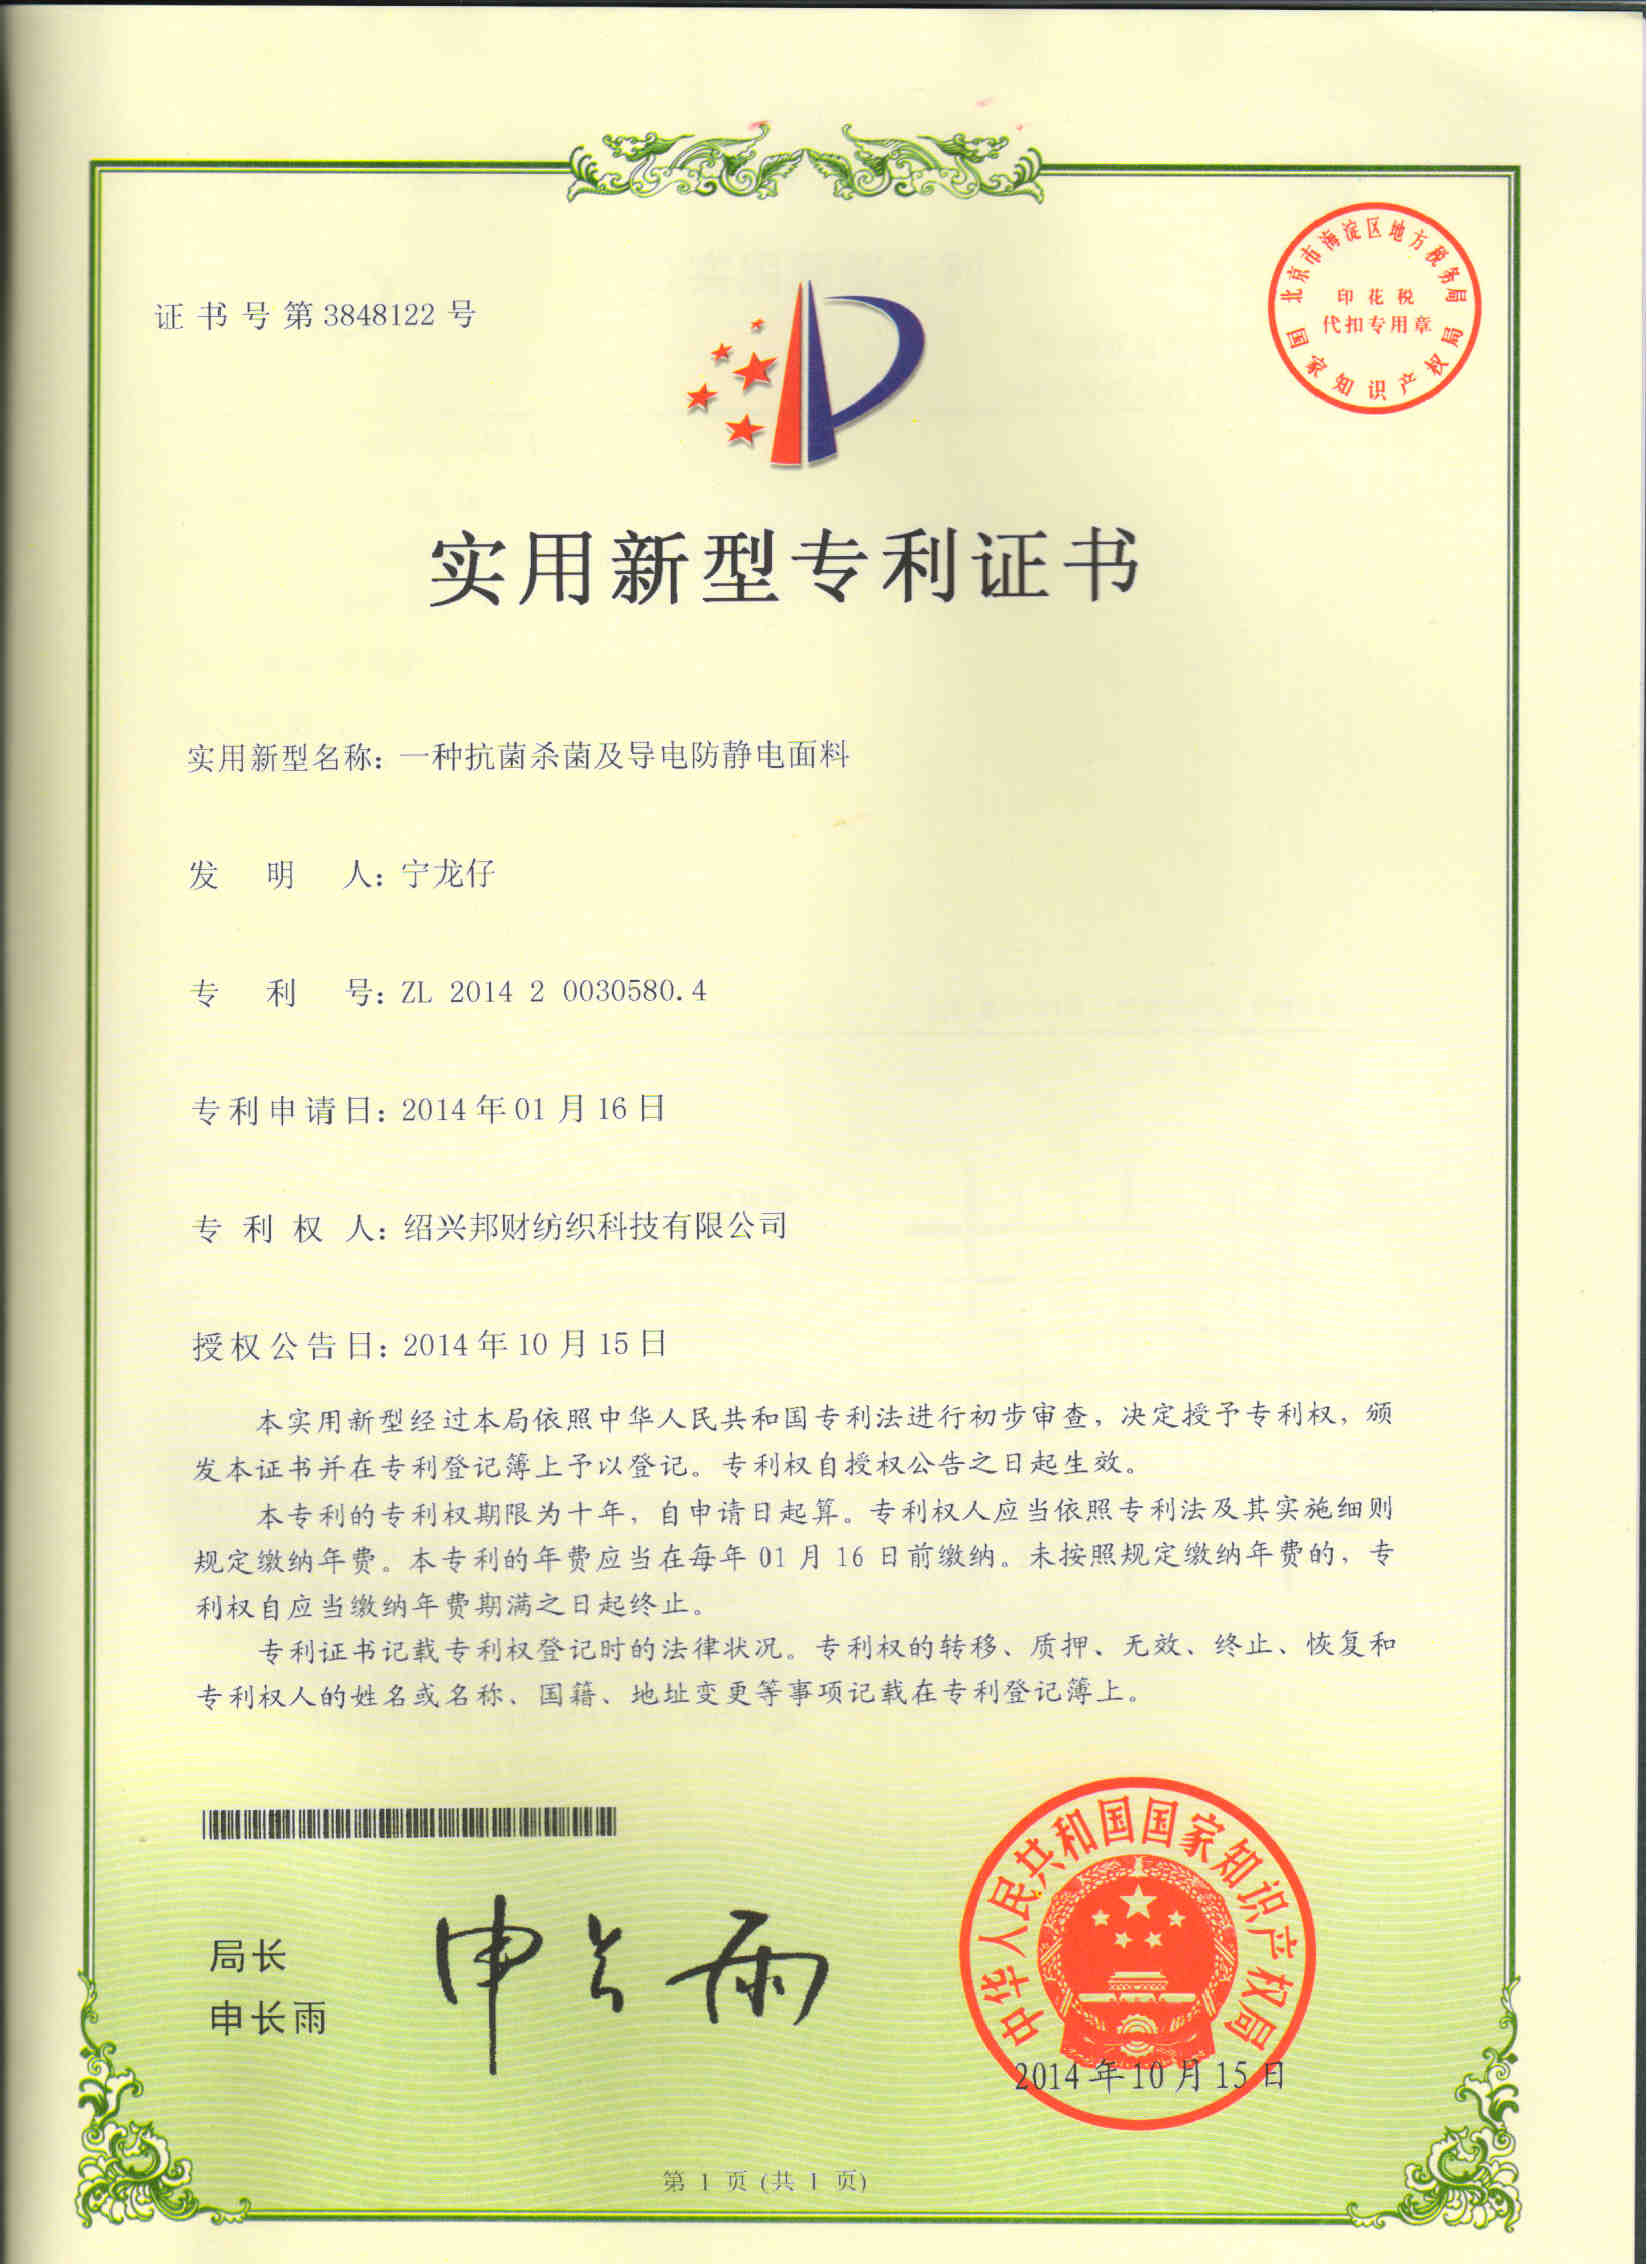 公司又一產品專利申請成功